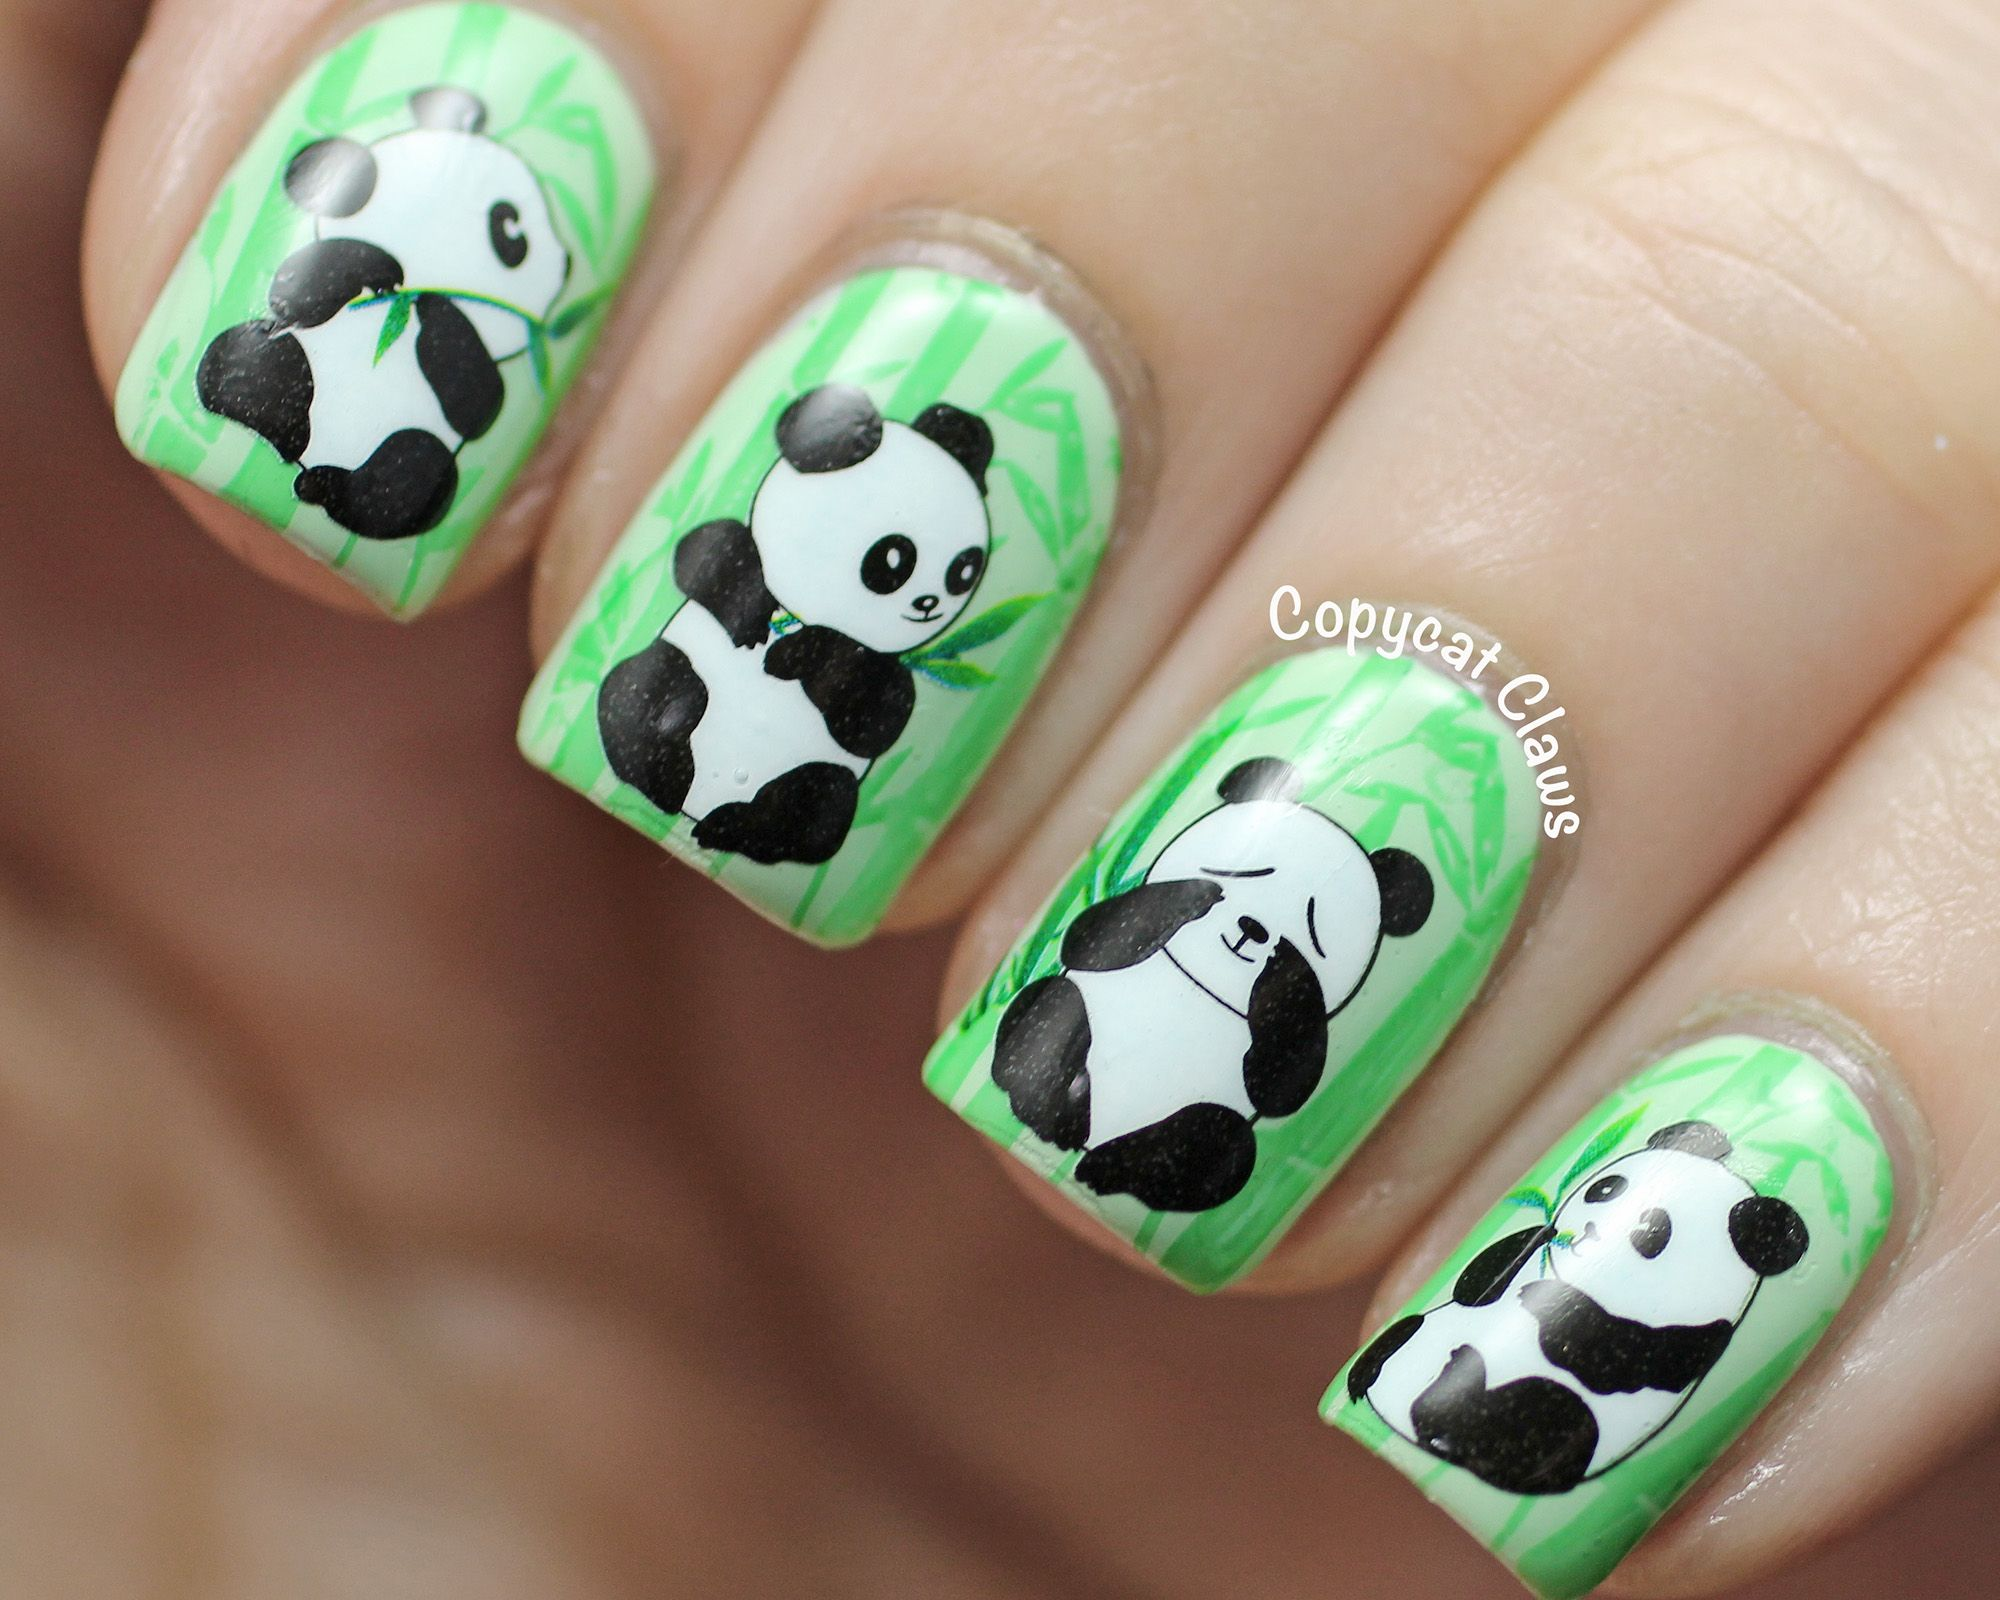 Copycat Claws Panda Nail Nails Nailart Panda Nails In 2019